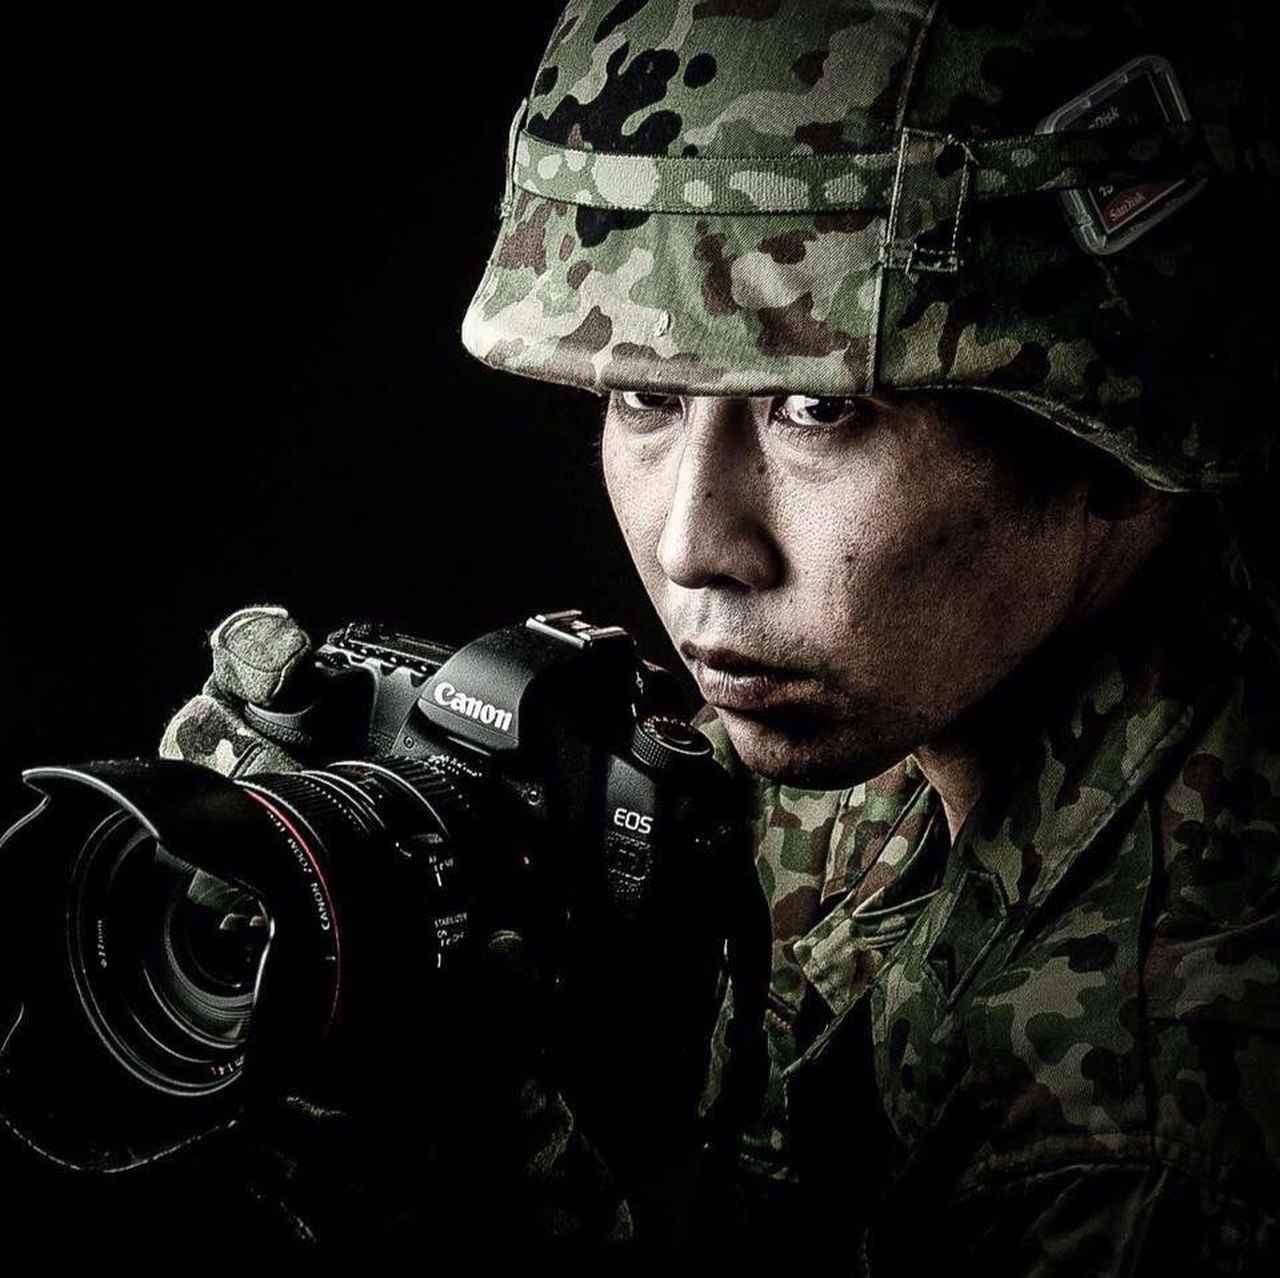 画像: 伊藤悠平さんのプロフィール